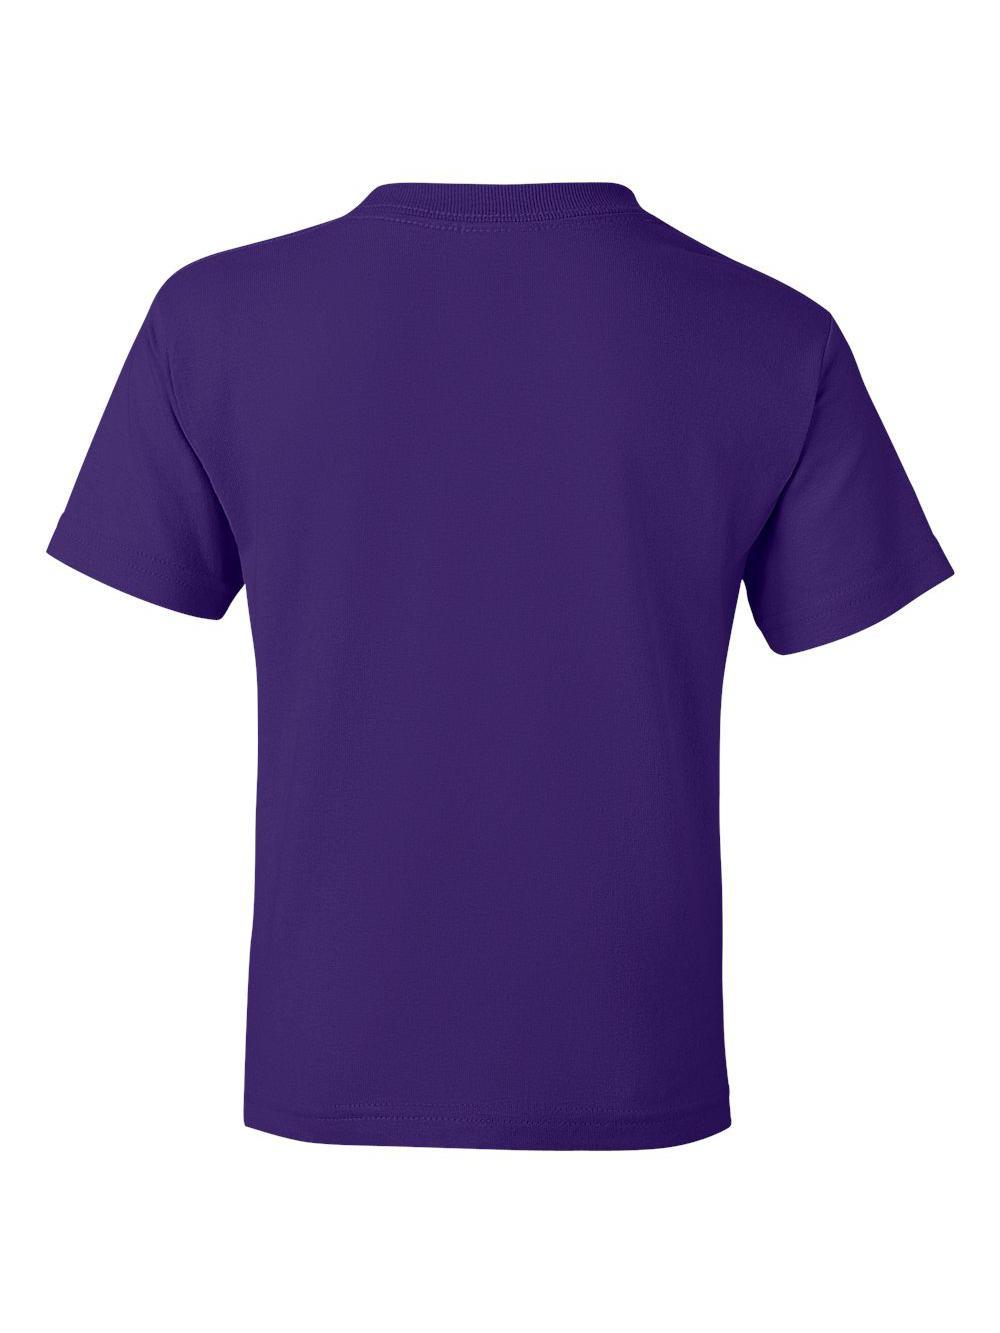 Gildan-DryBlend-Youth-50-50-T-Shirt-8000B thumbnail 73